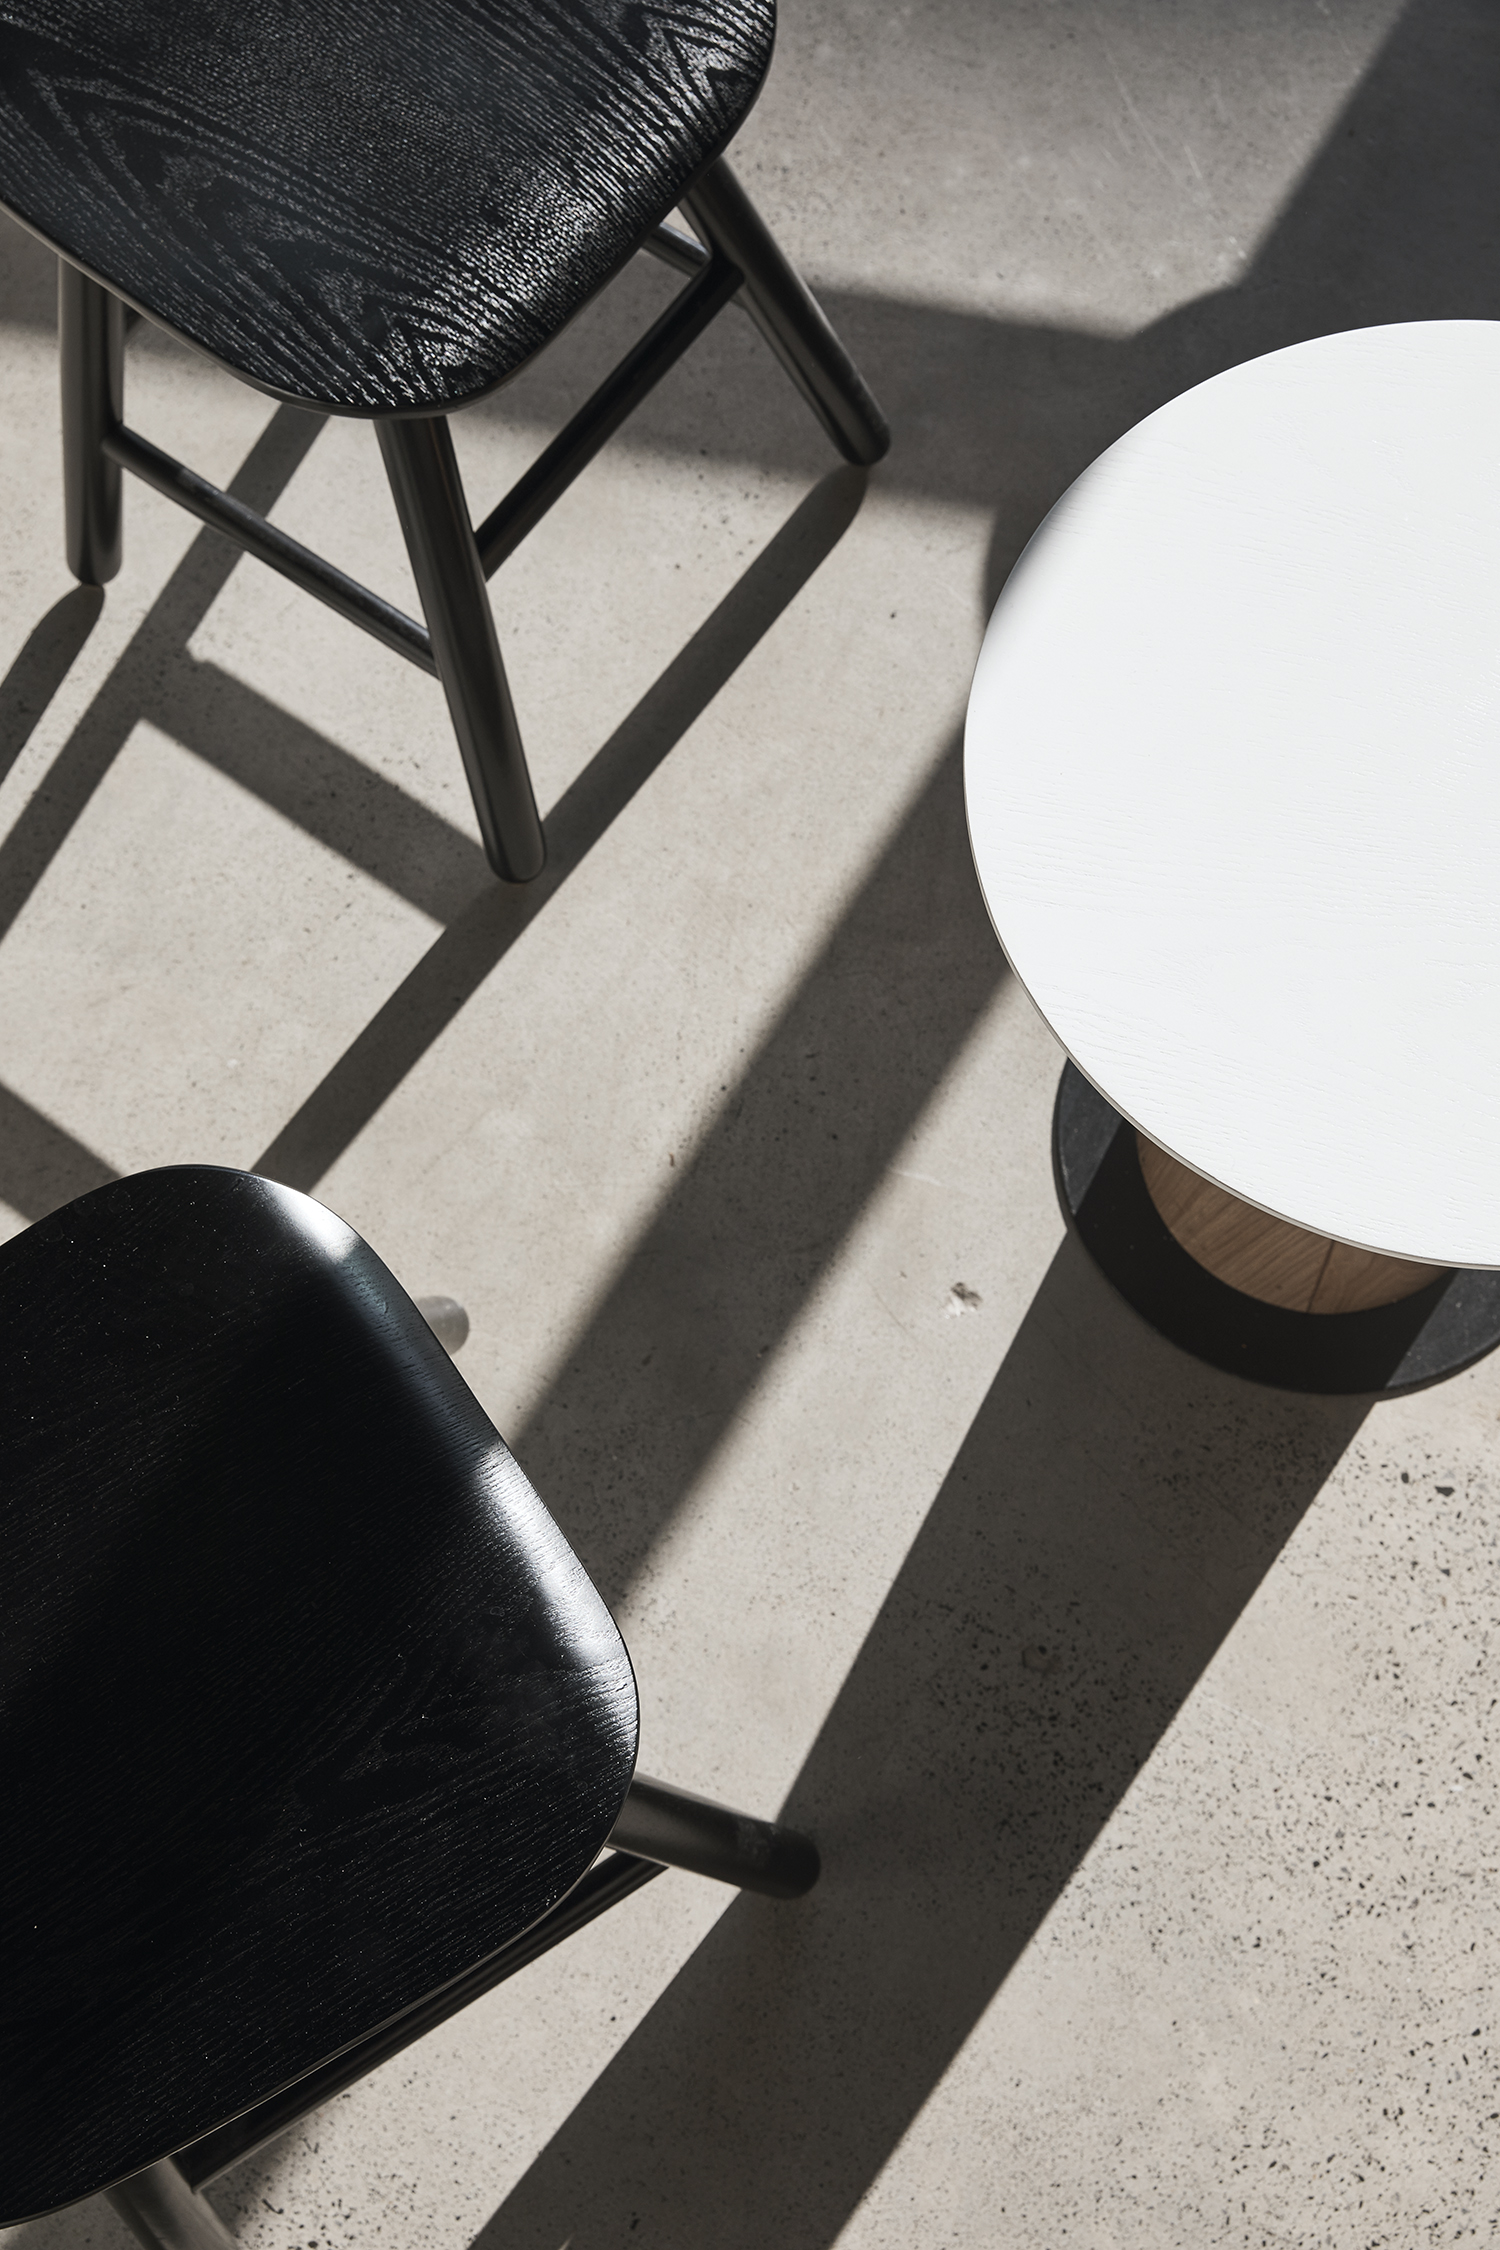 Mushroom stools and table